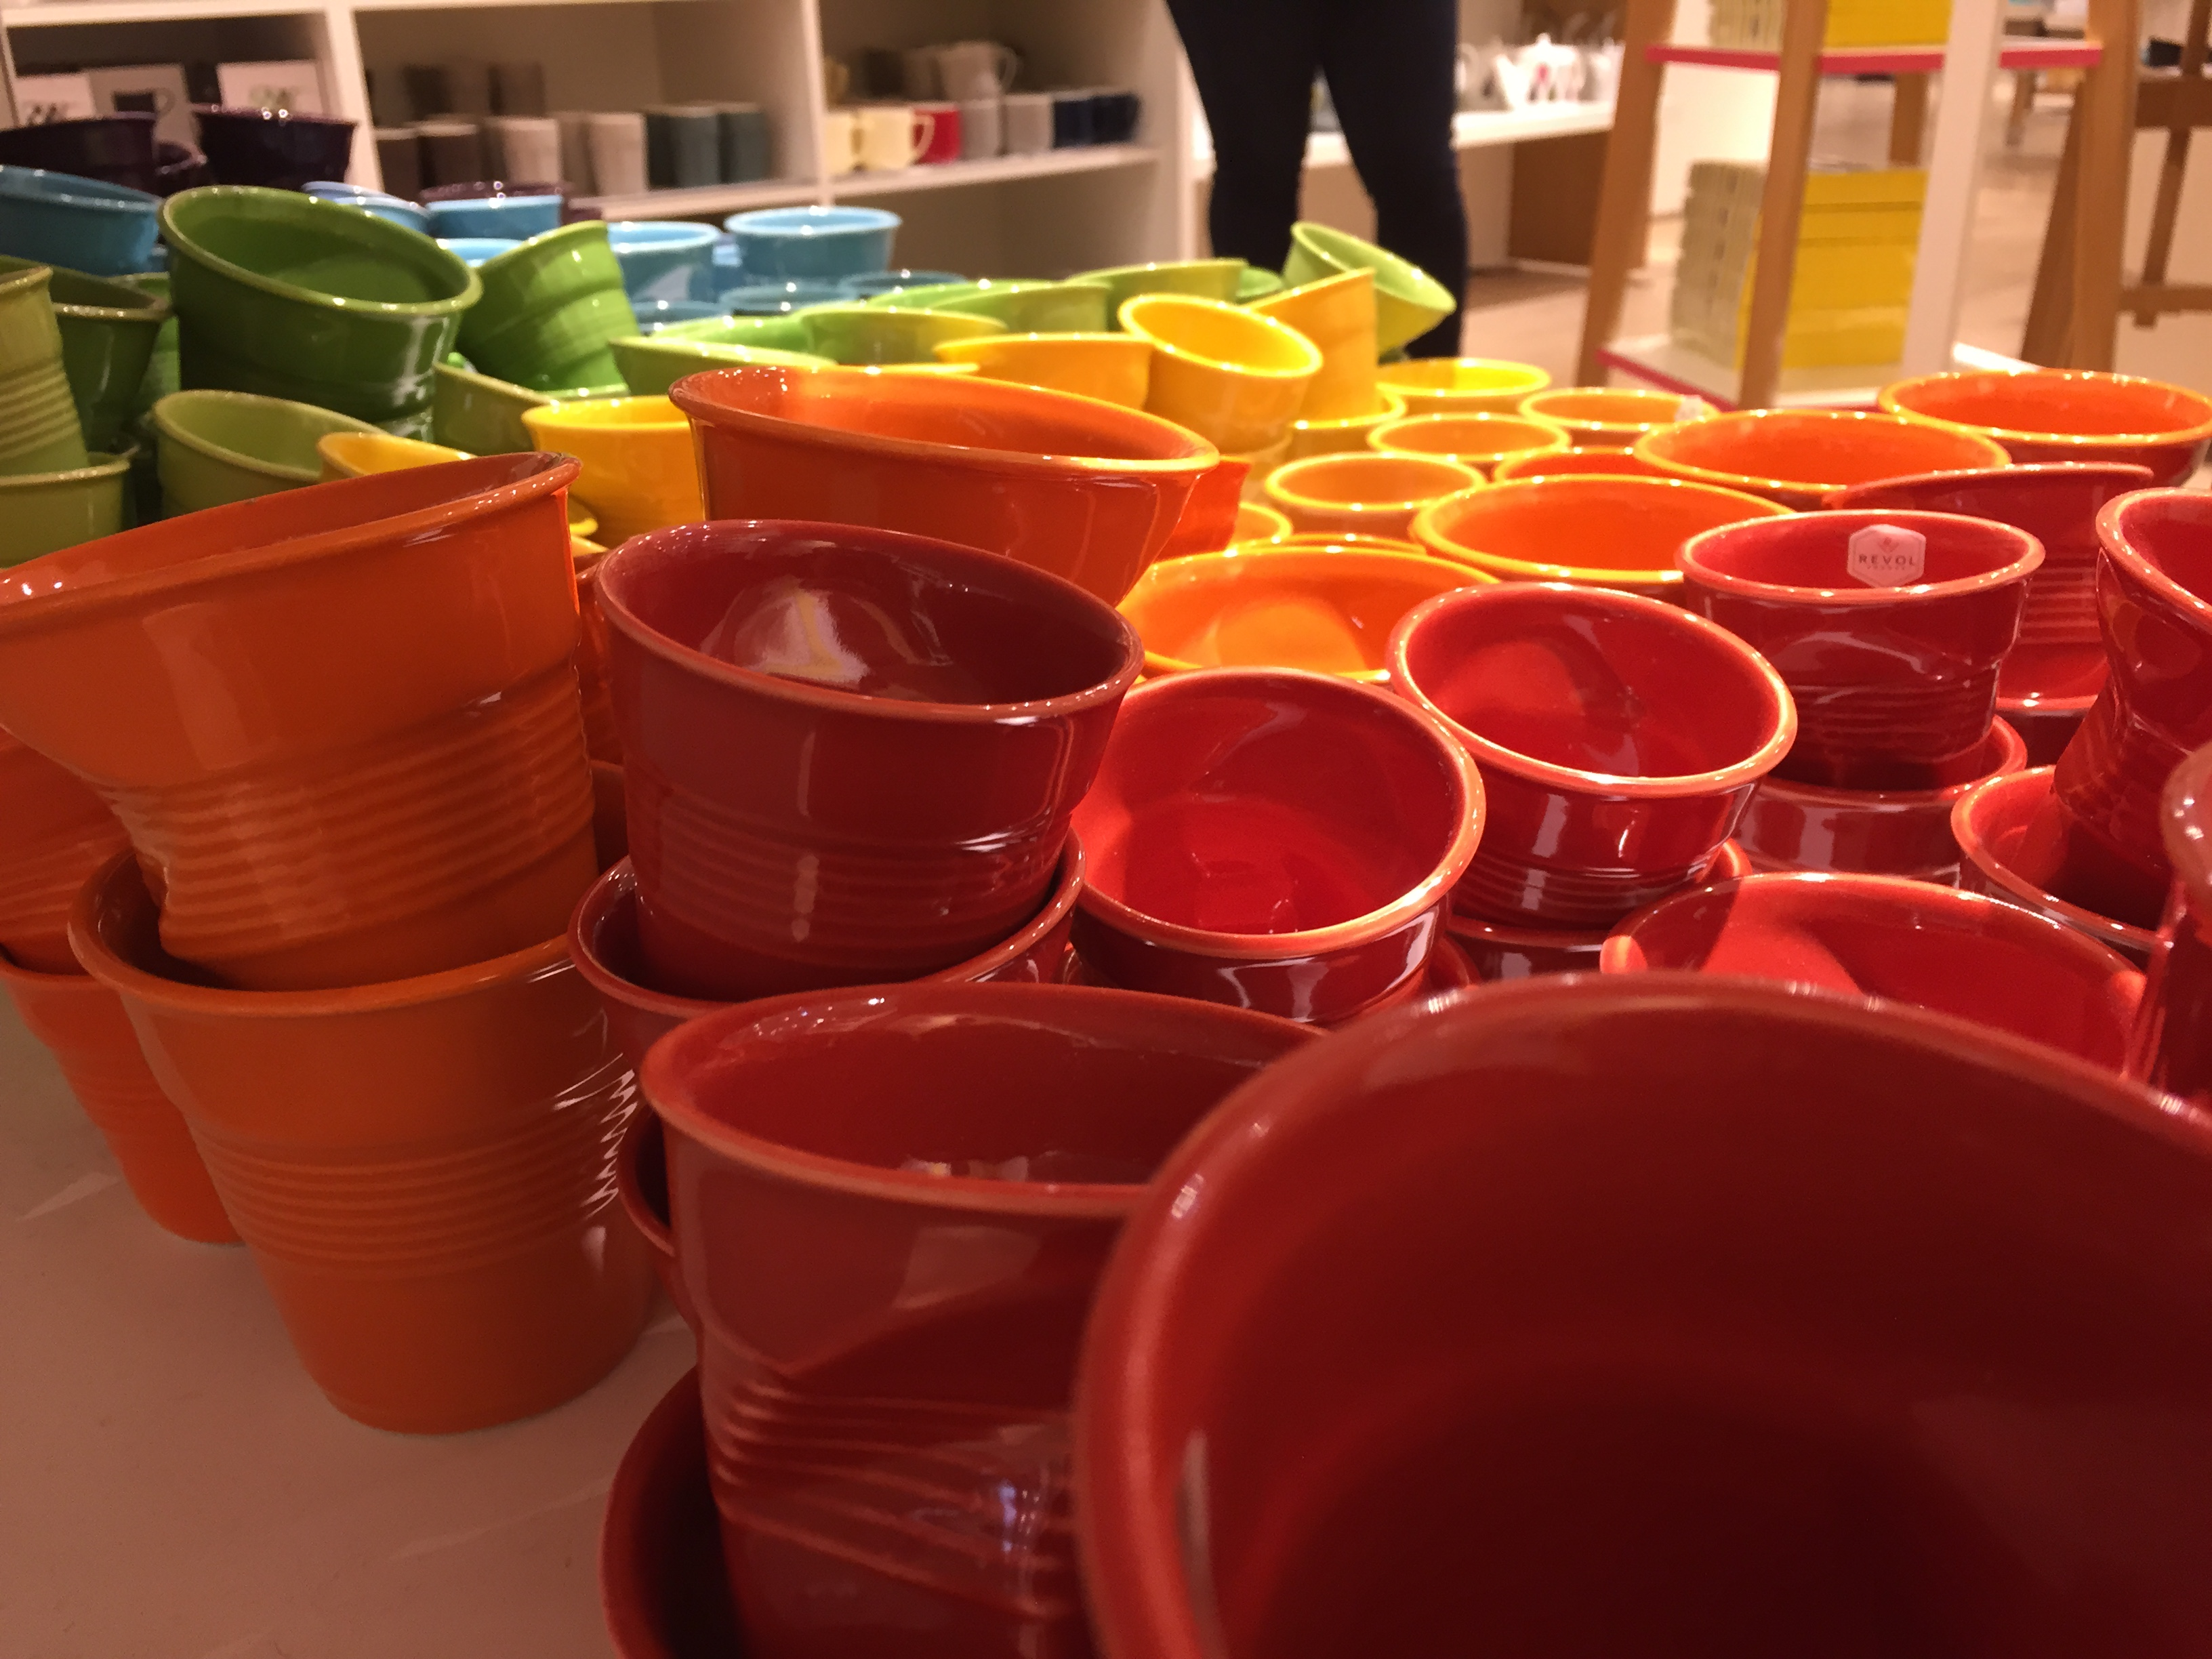 la cuisine prends des couleurs au BHV Le Marais